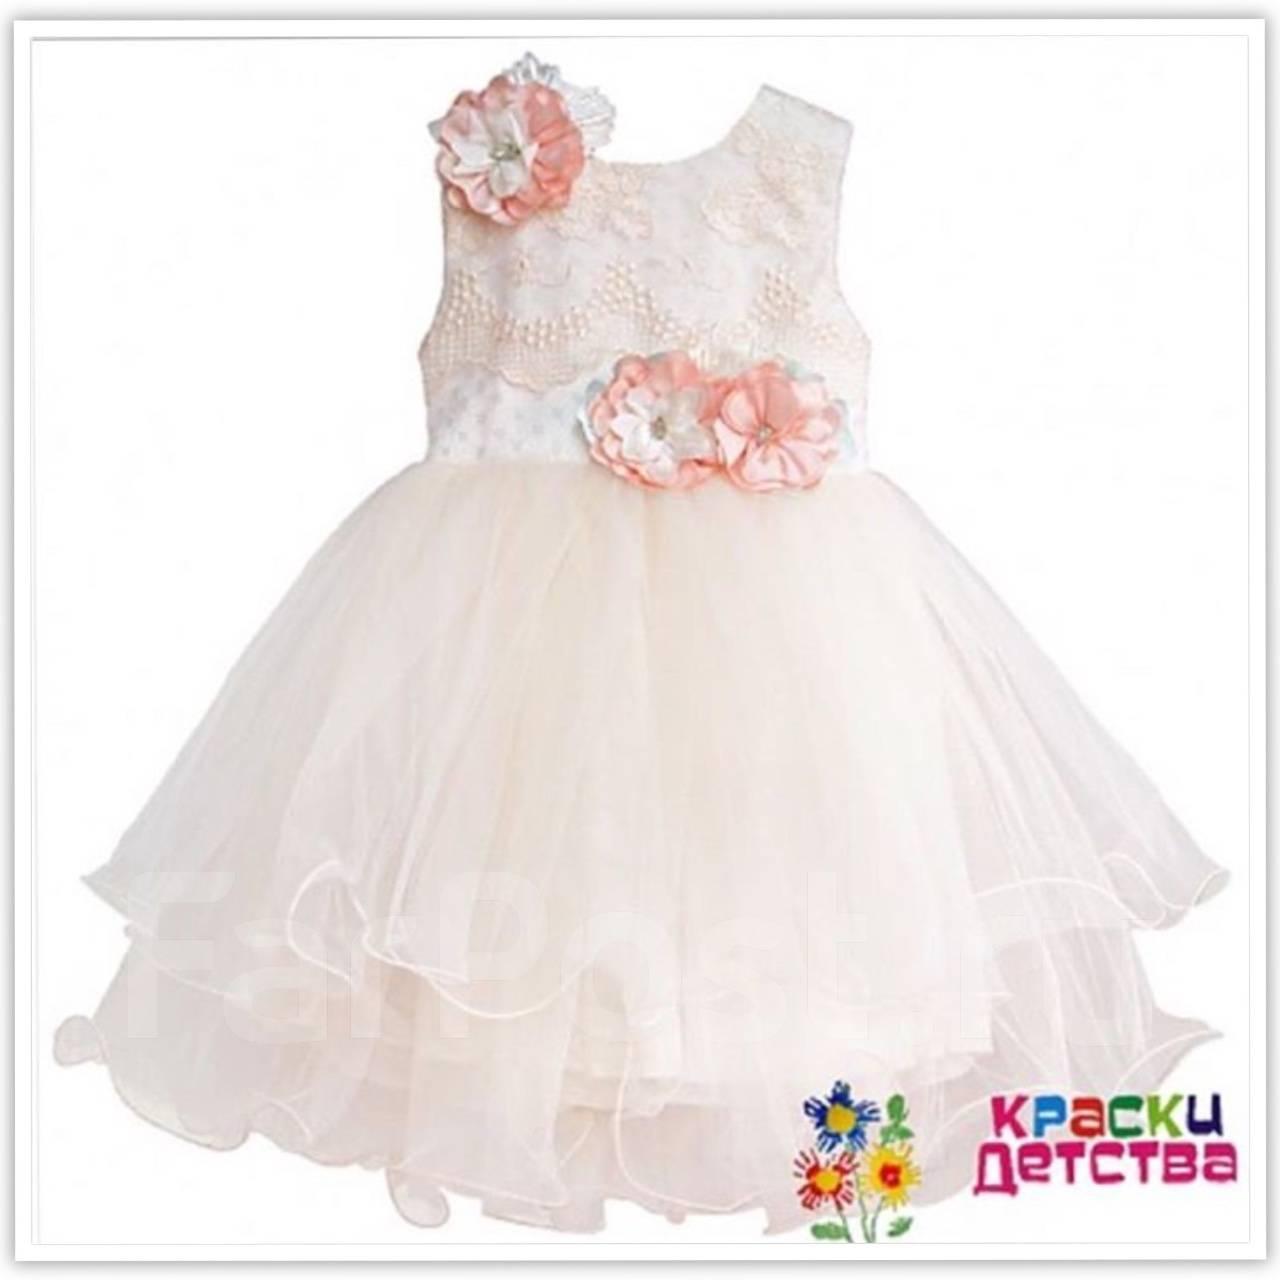 d4f8232c461 Нарядные платья для девочек одежда